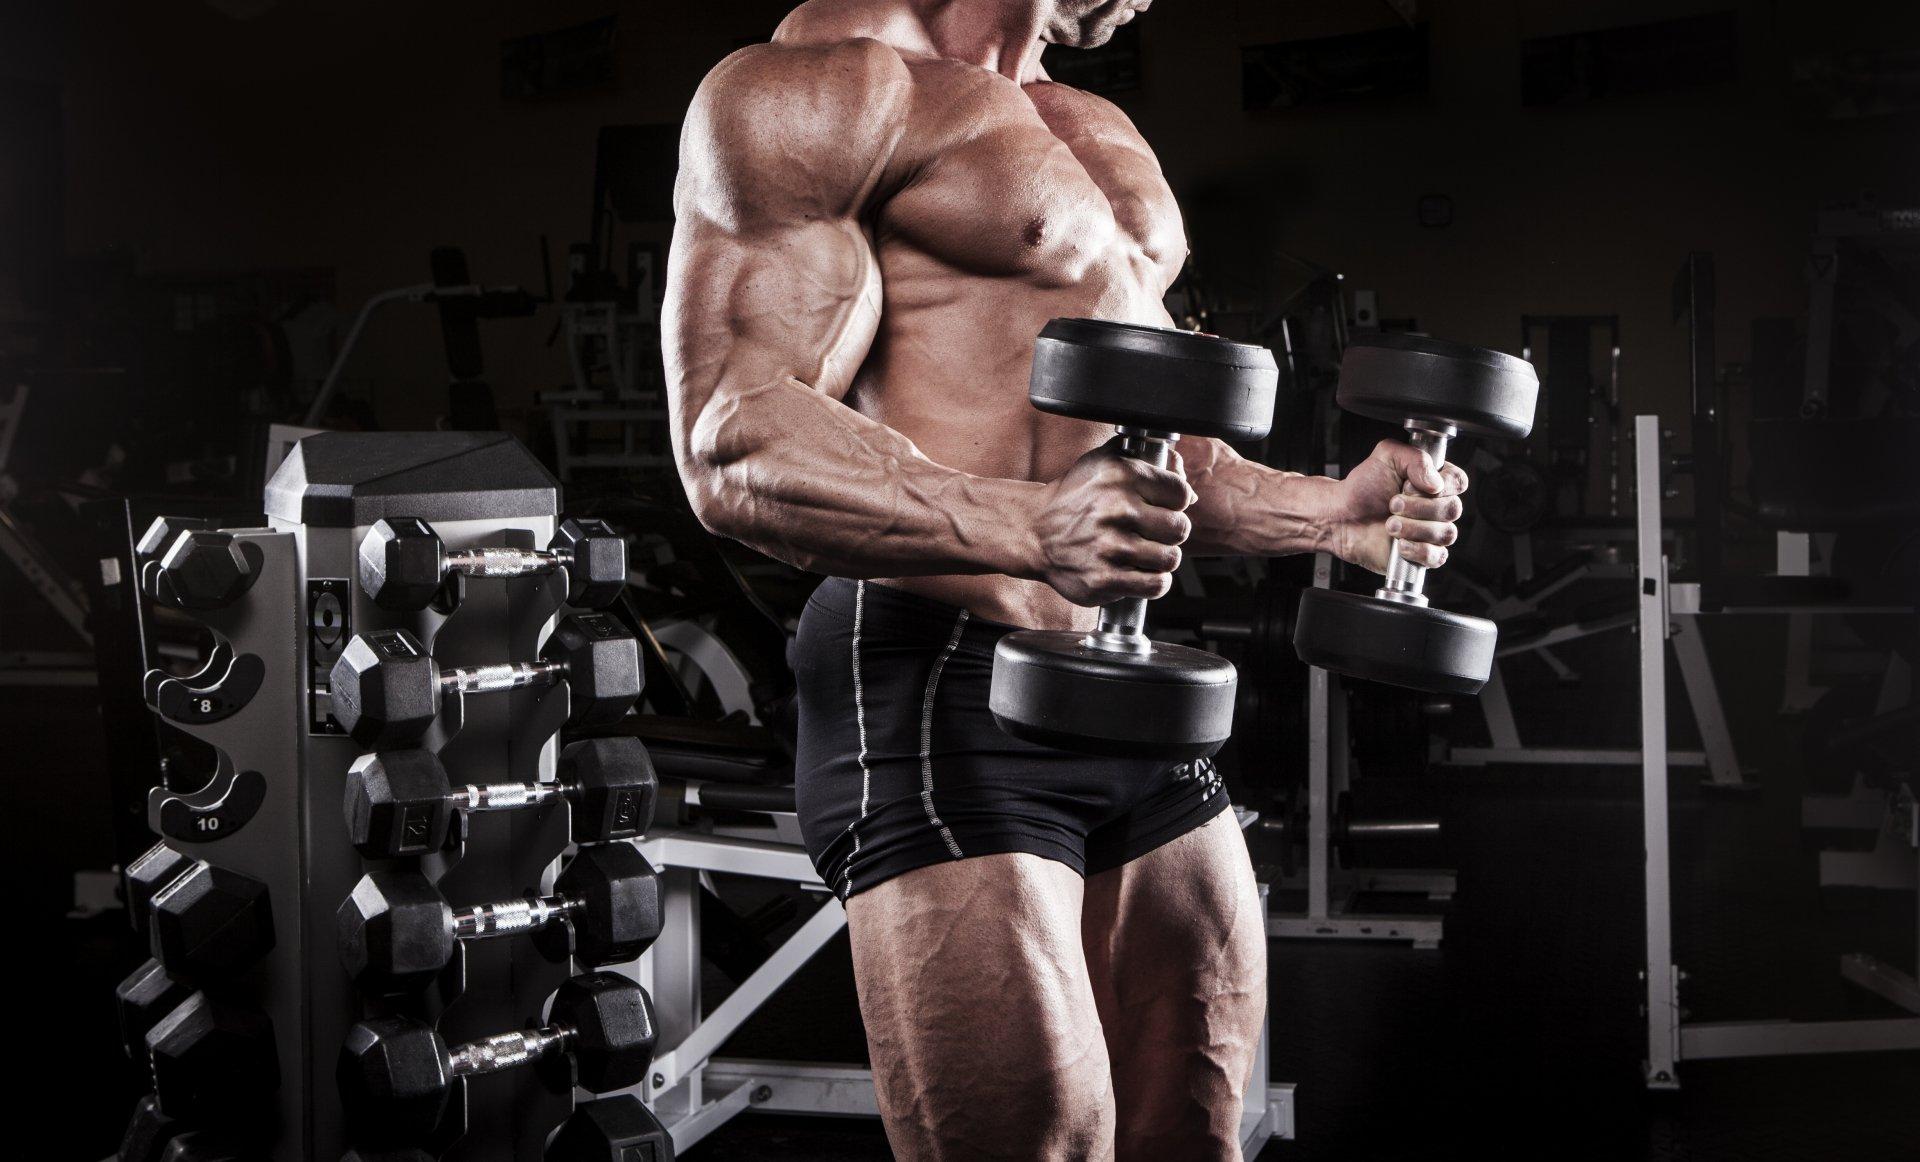 Bodybuilding 4k Ultra HD Wallpaper